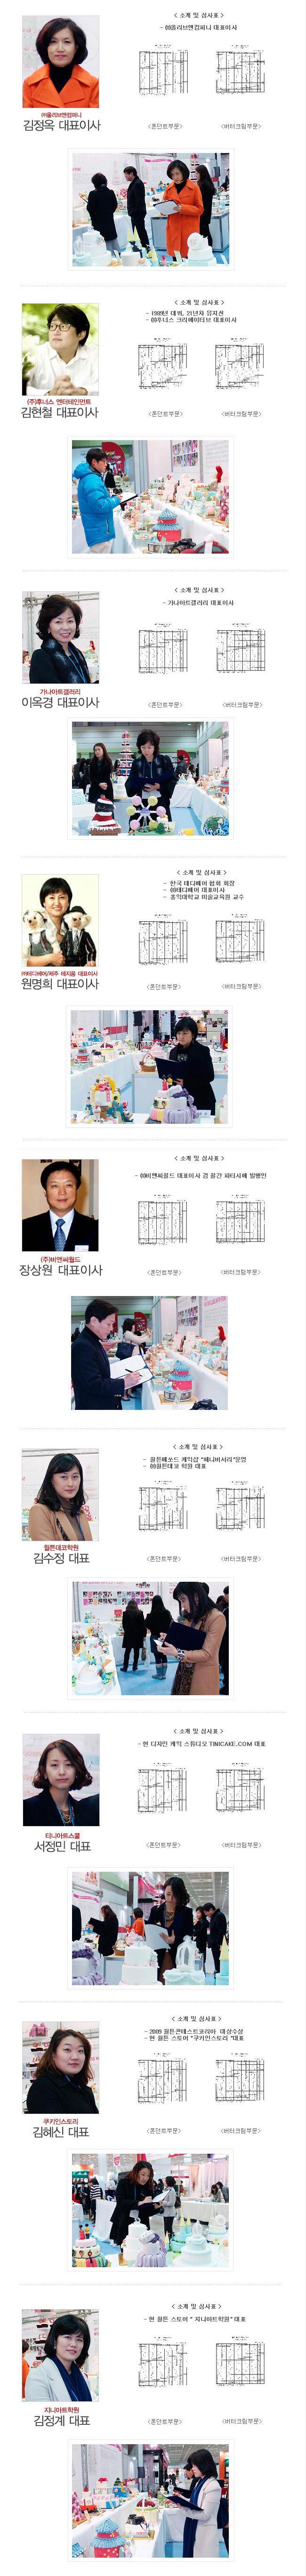 2010_02.jpg